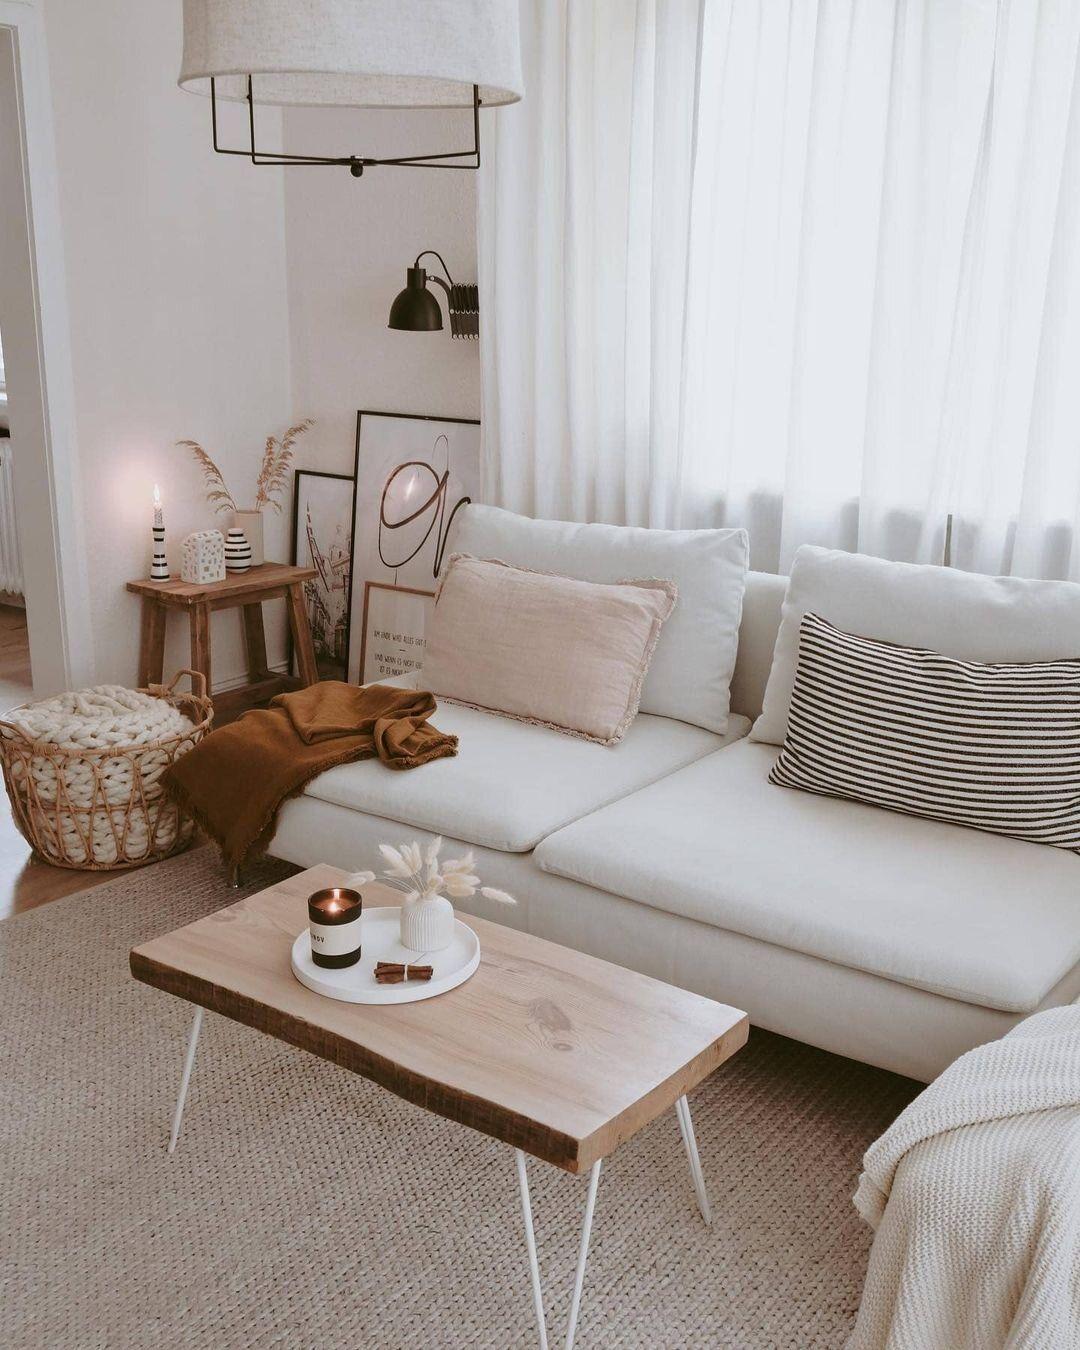 45 Unique Minimalist Living Room Ideas In 2021 The Best Home Decorations In 2021 Minimalist Living Room Minimalist Living Room Furniture Living Room Decor Gallery Living room decorations 2021